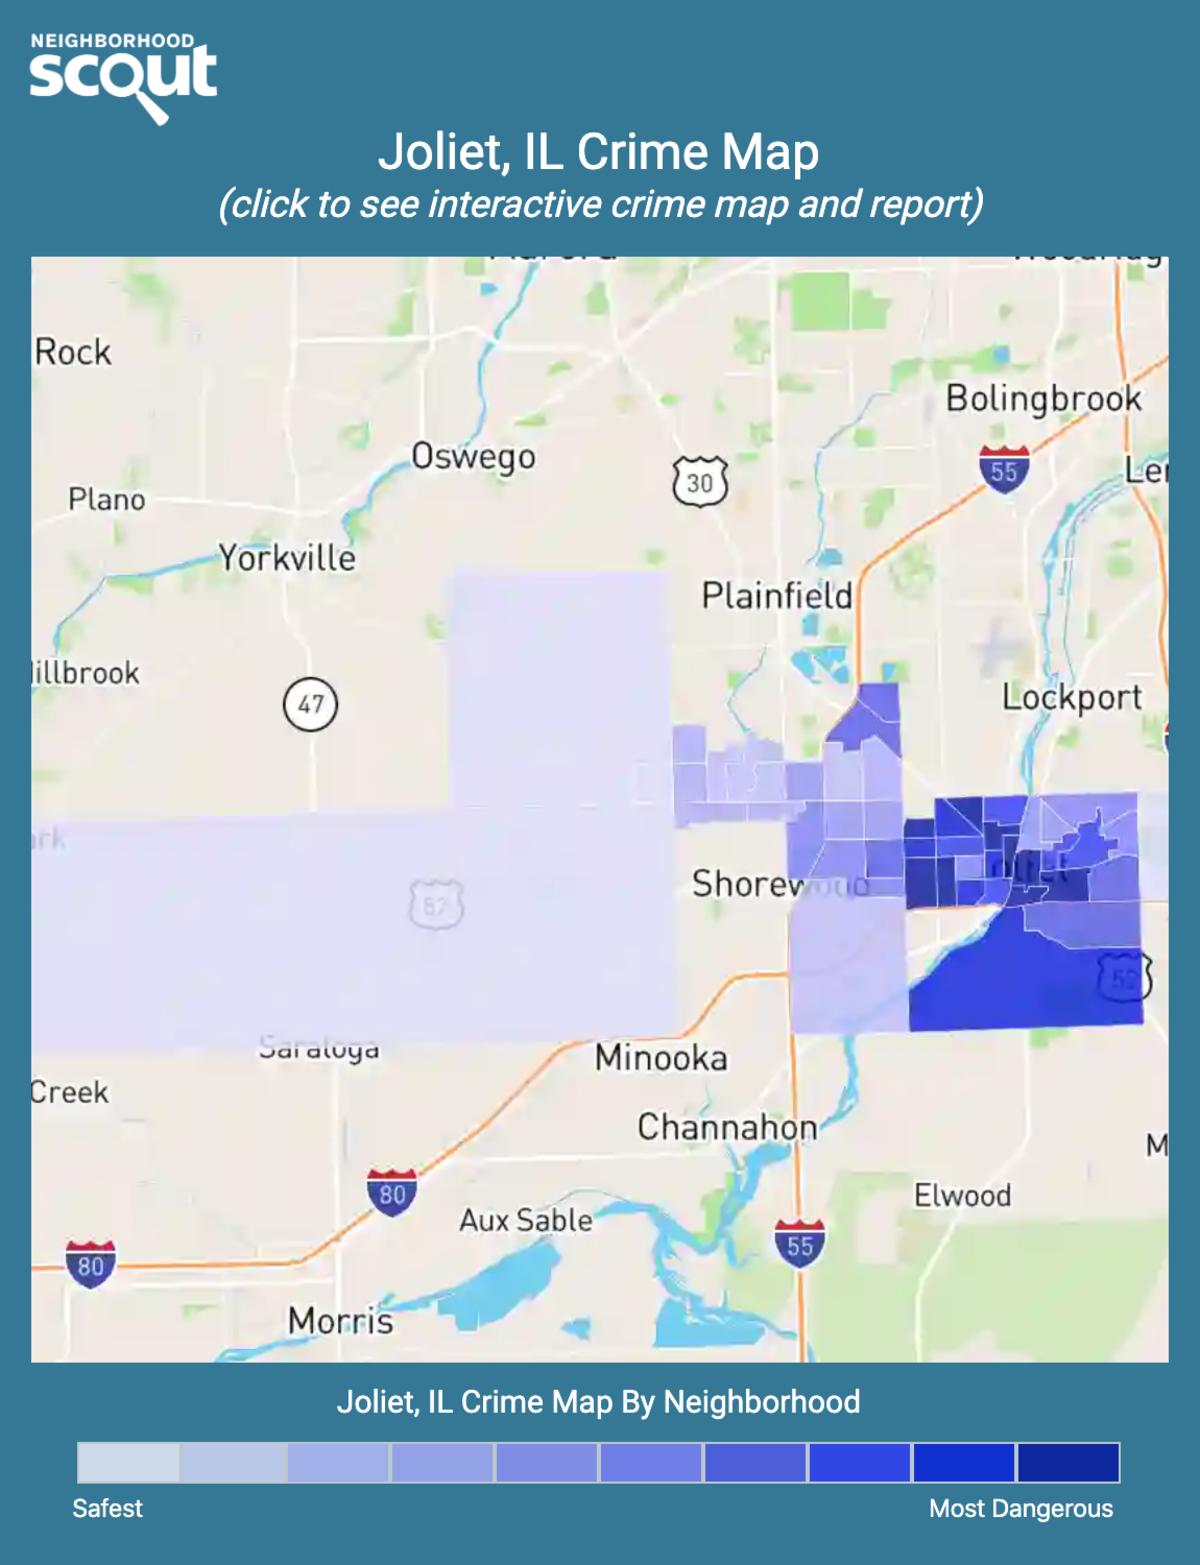 Joliet, Illinois crime map